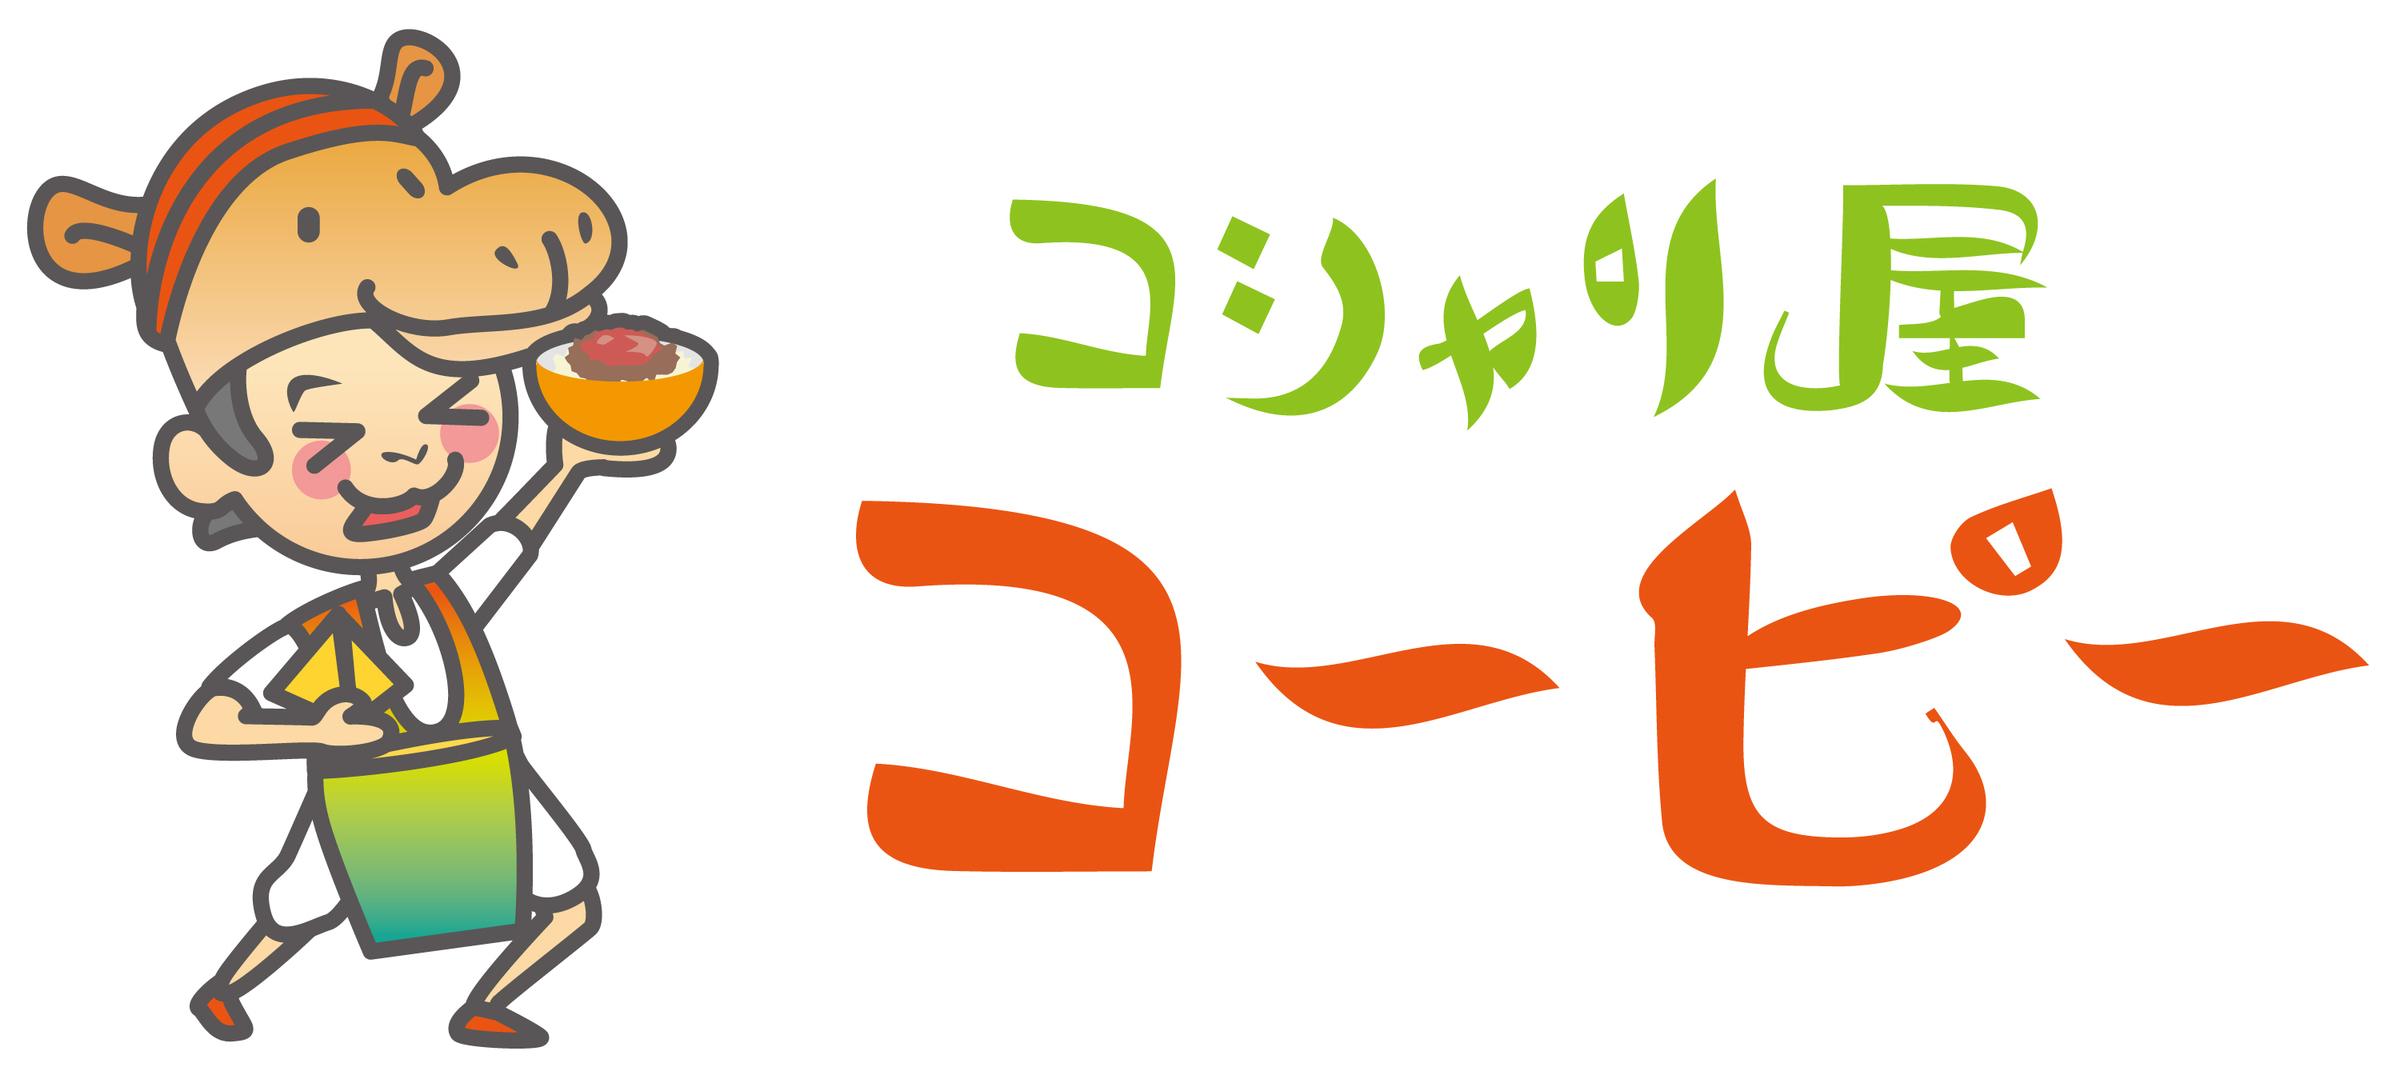 コシャリ専門 コシャリ屋コーピー|その他エスニック料理